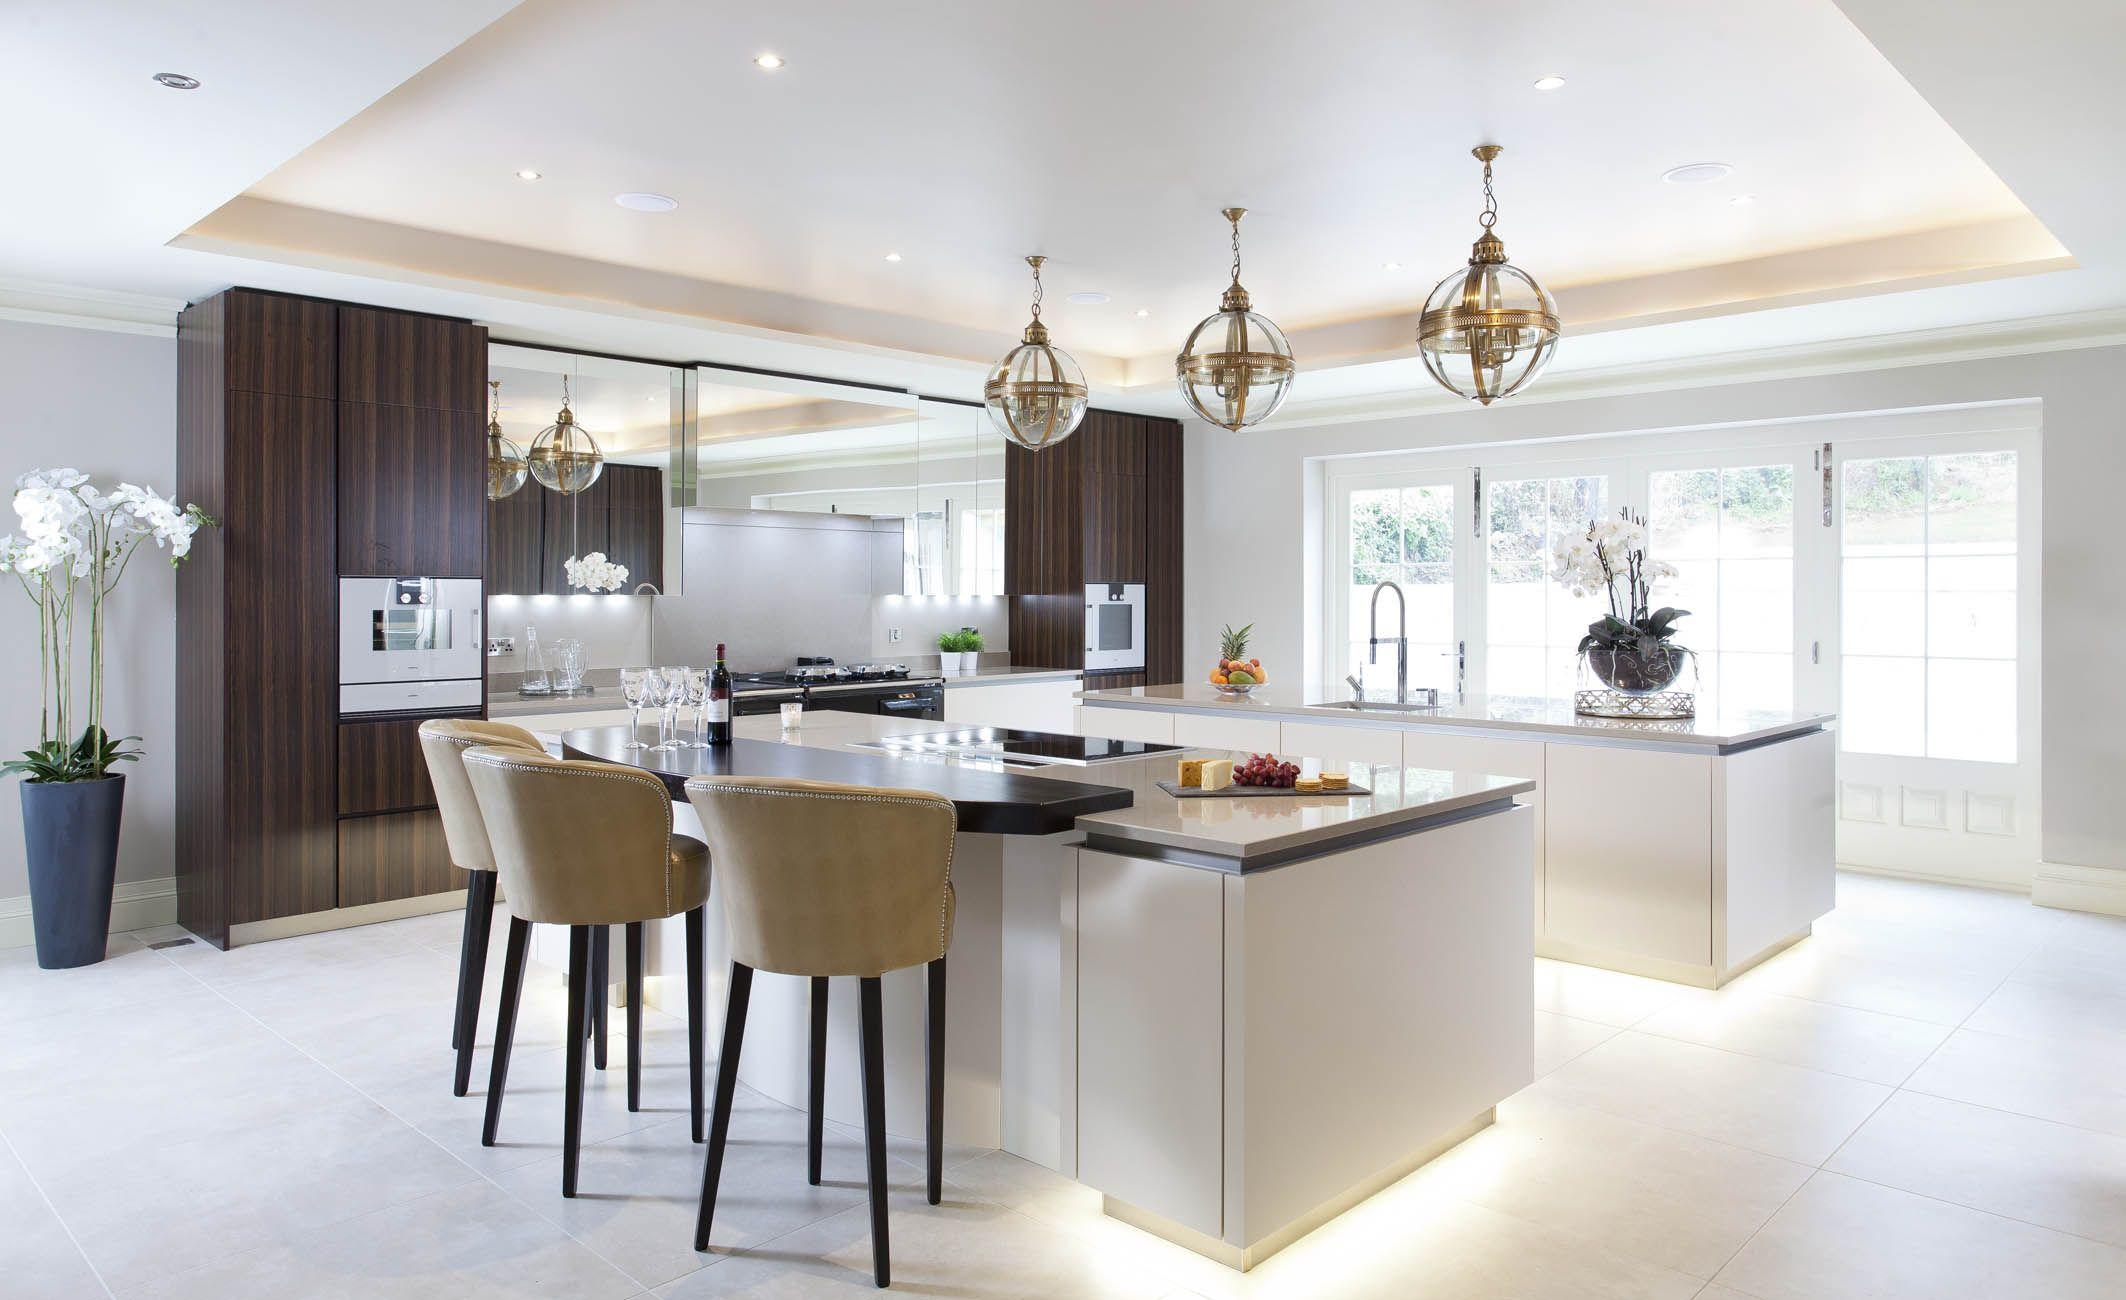 Handmade Kitchens Ireland - Luxury handpainted kitchens in Dublin ...